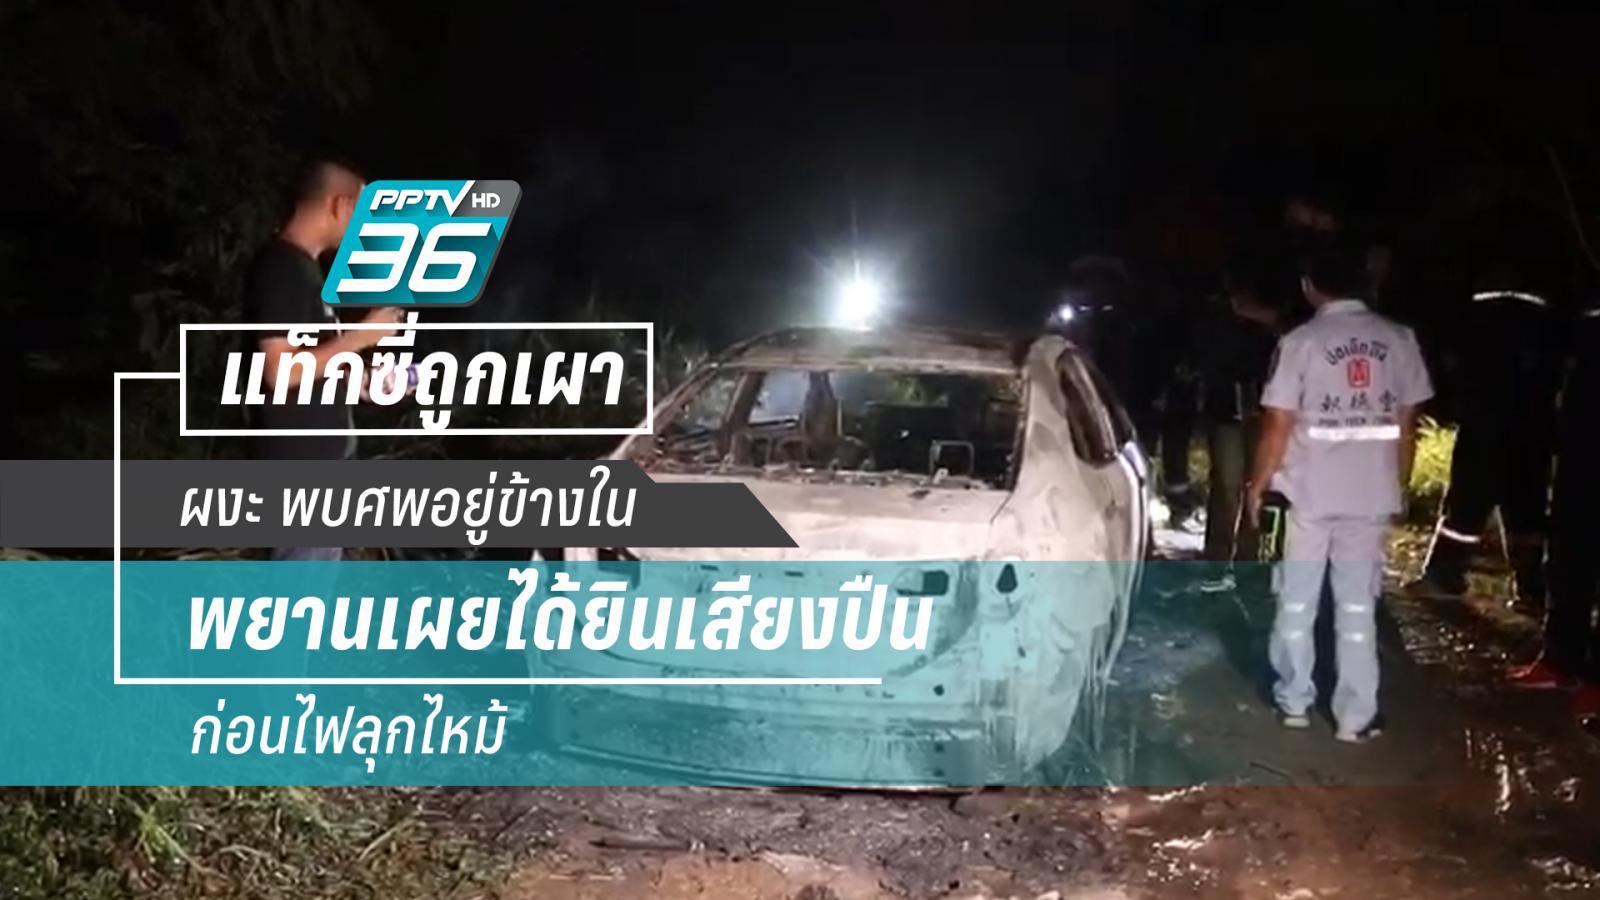 แท็กซี่ถูกเผาย่านสายไหม พบศพอยู่ข้างใน  พยานเผยก่อนไฟไหม้ได้ยินเสียงปืน 3 นัด